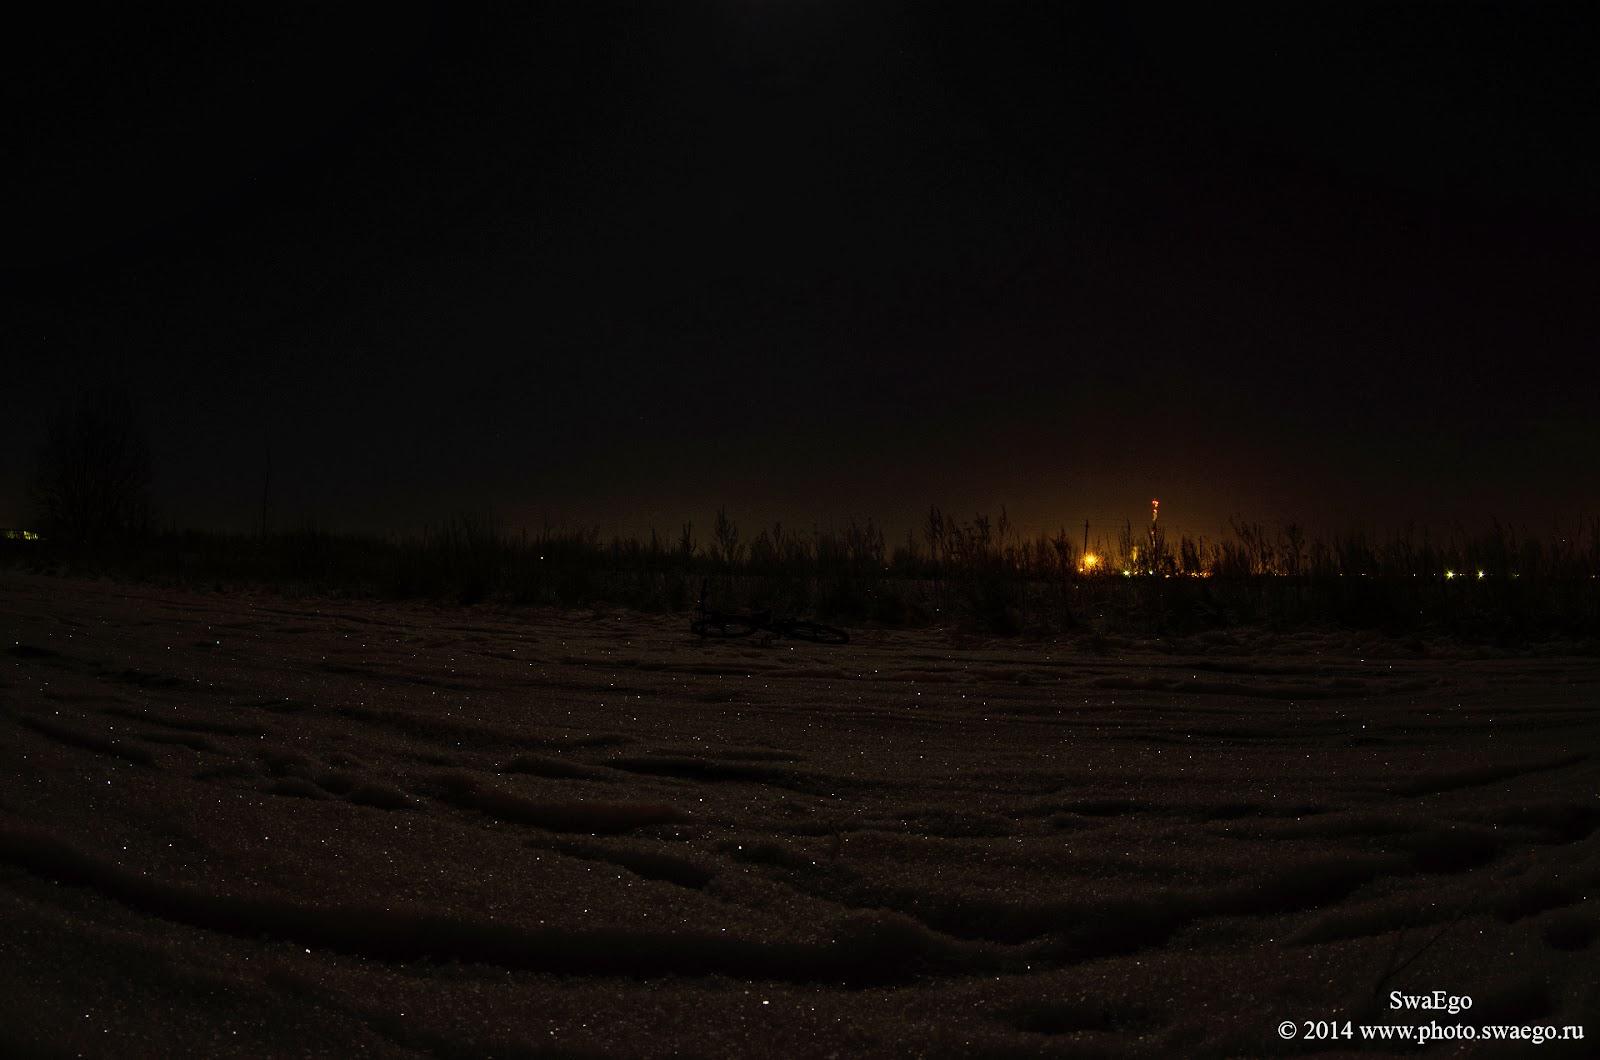 Зима, велосипед и луна